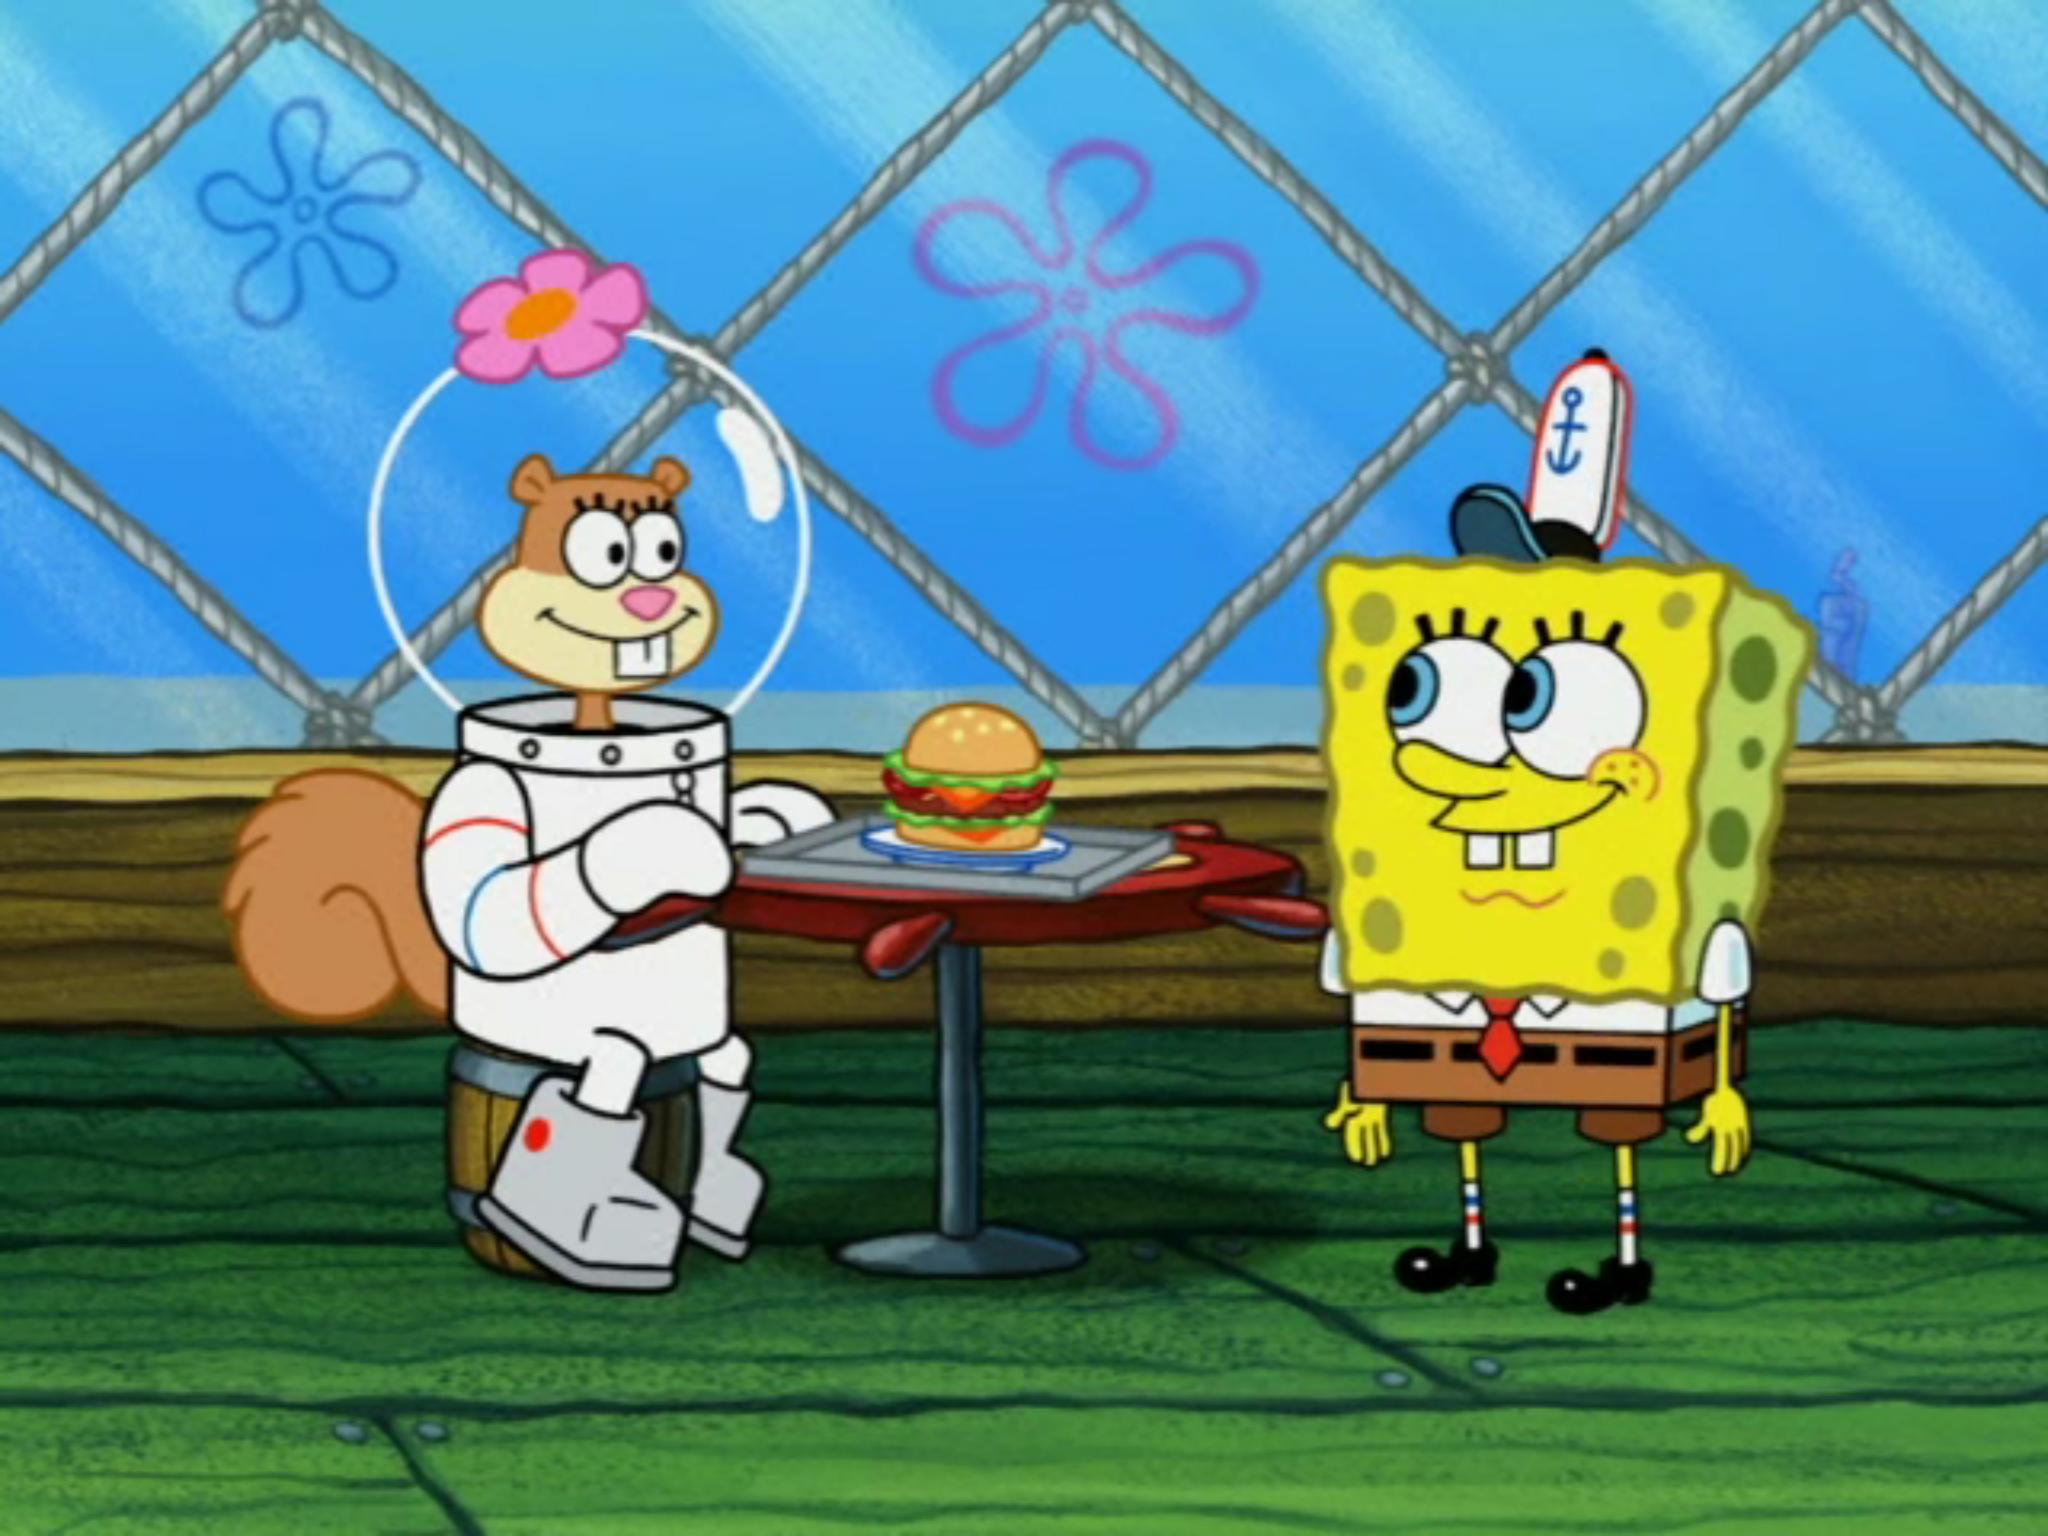 Sandy spongebob and How SpongeBob